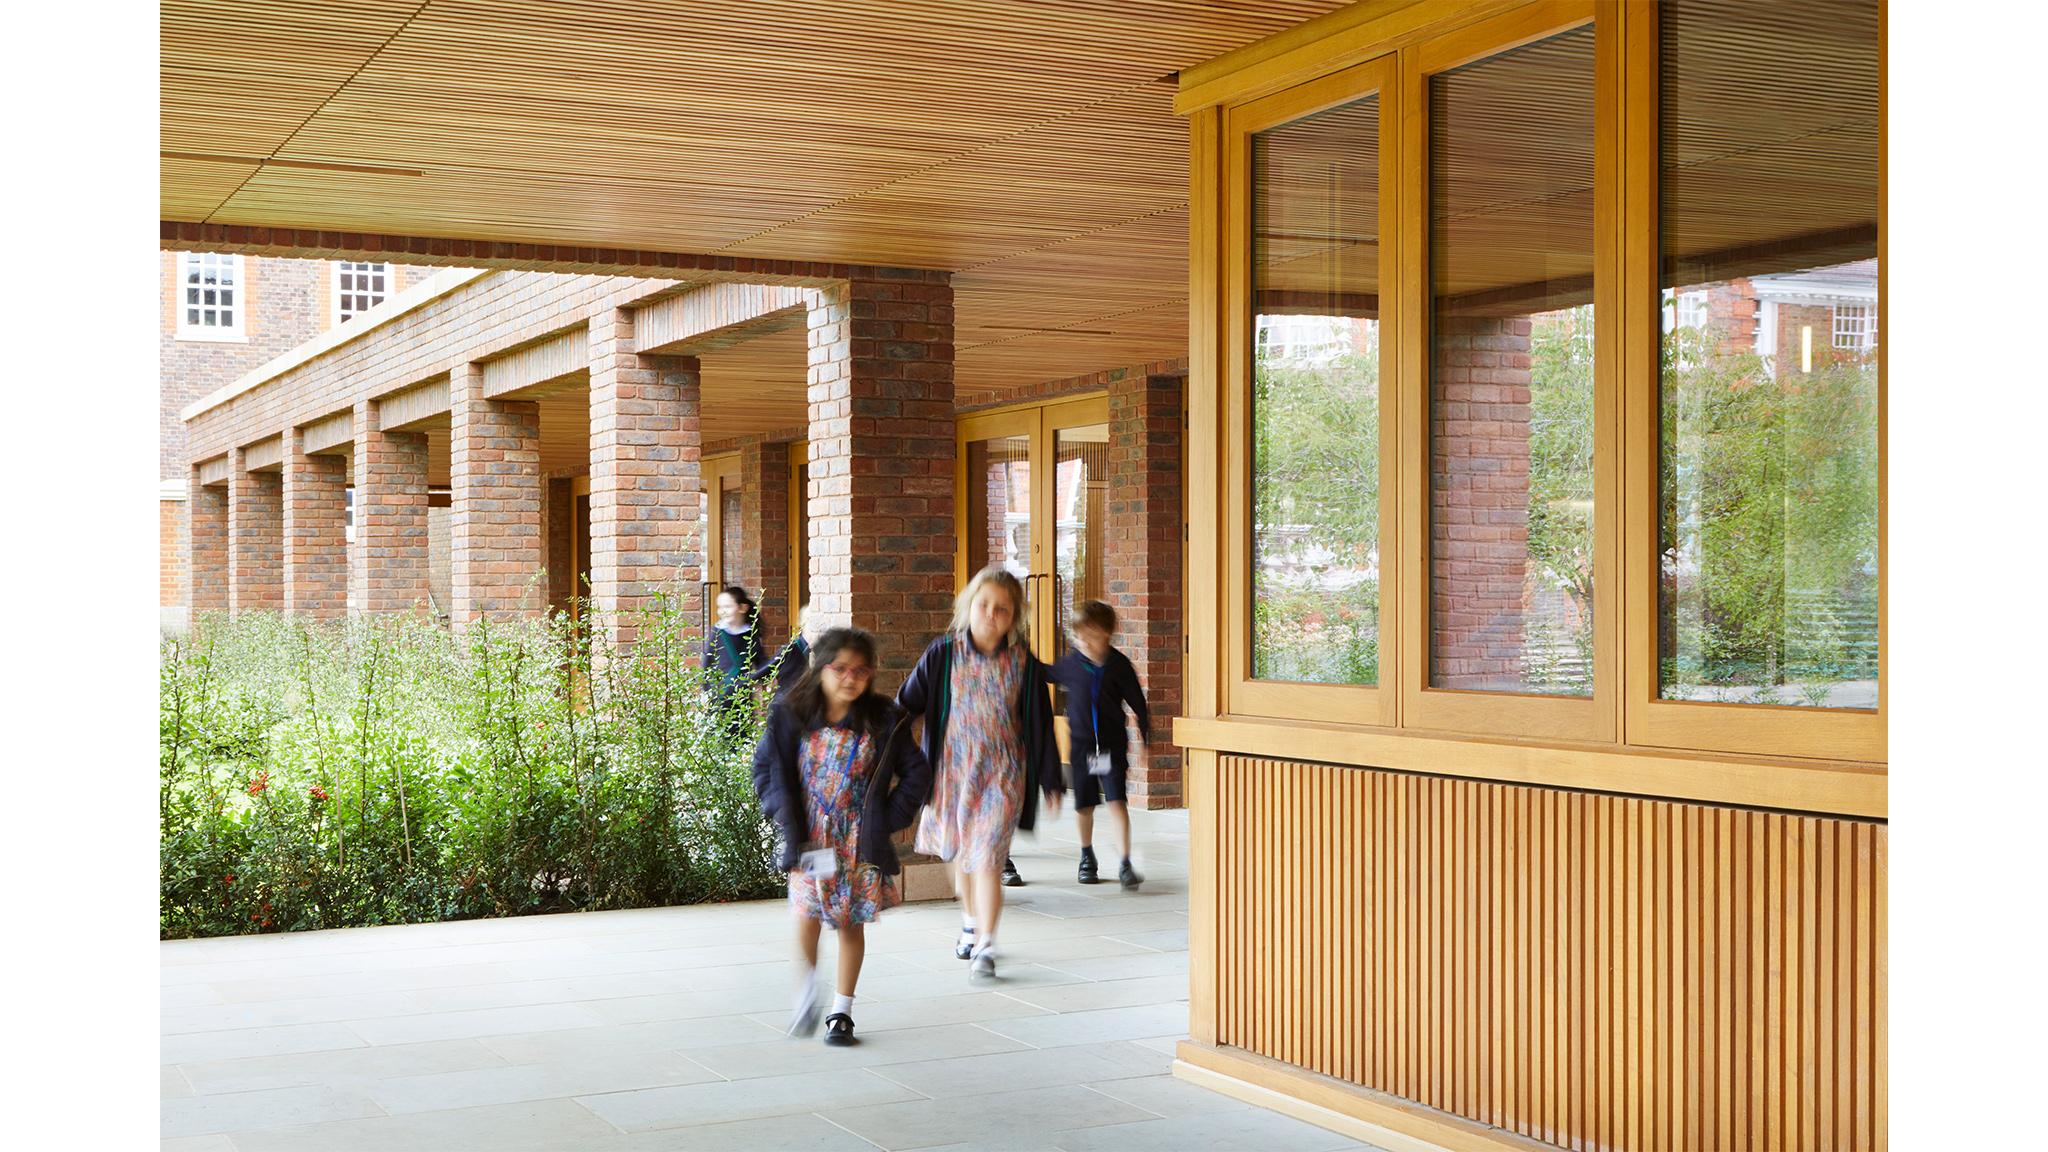 Ibstock Place school